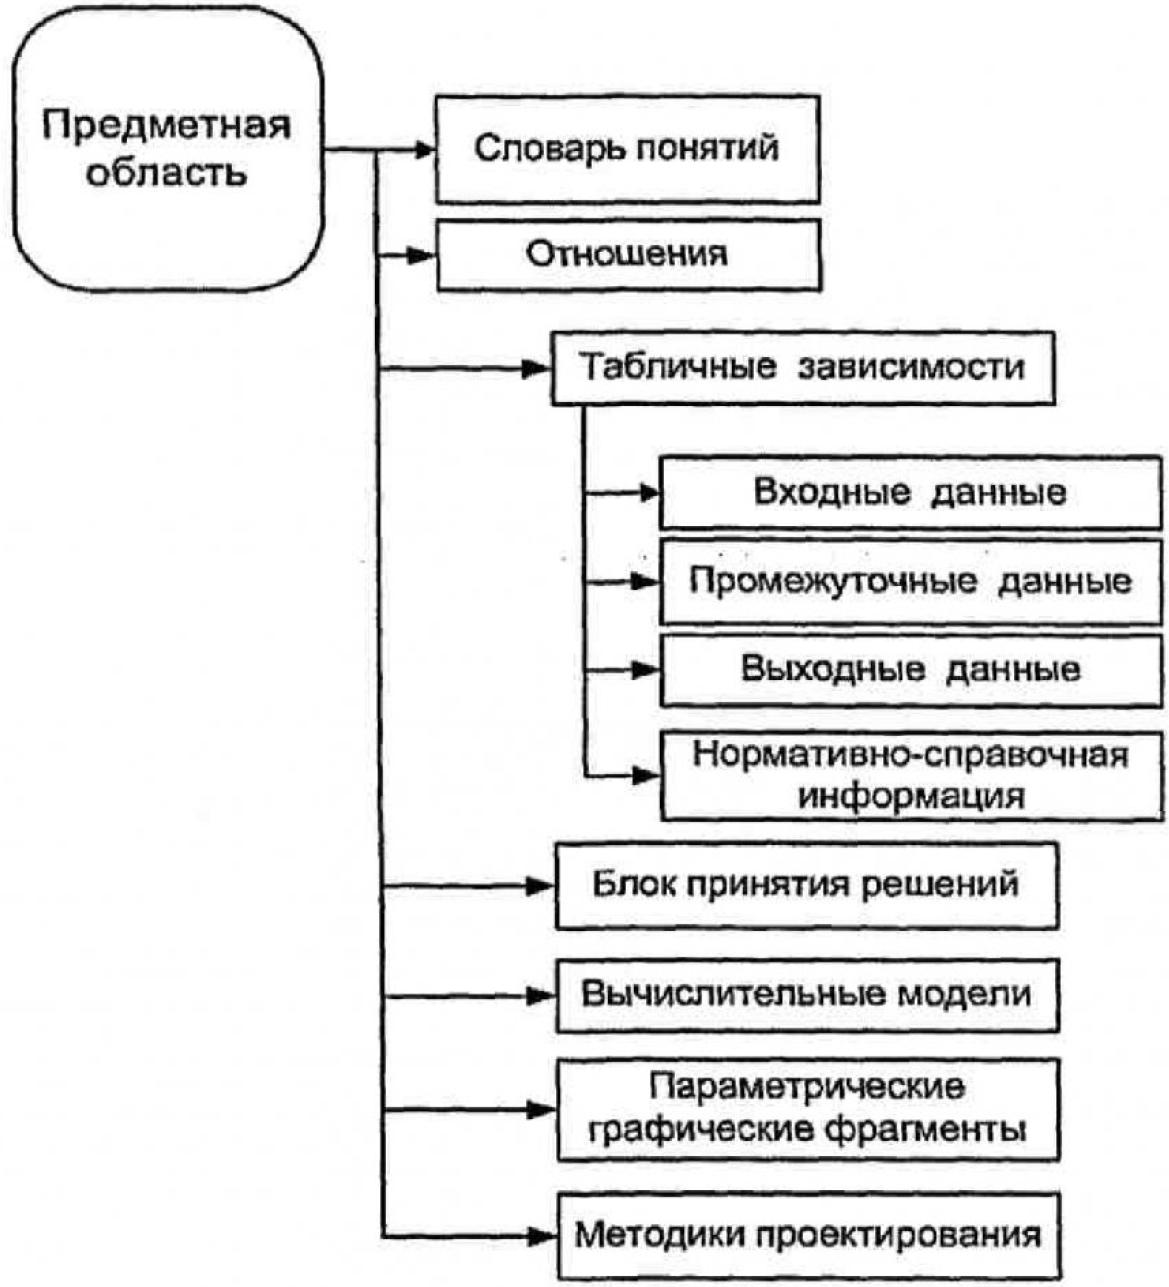 Формирование системы информационного обеспечения интегрированного производственного комплекса 5